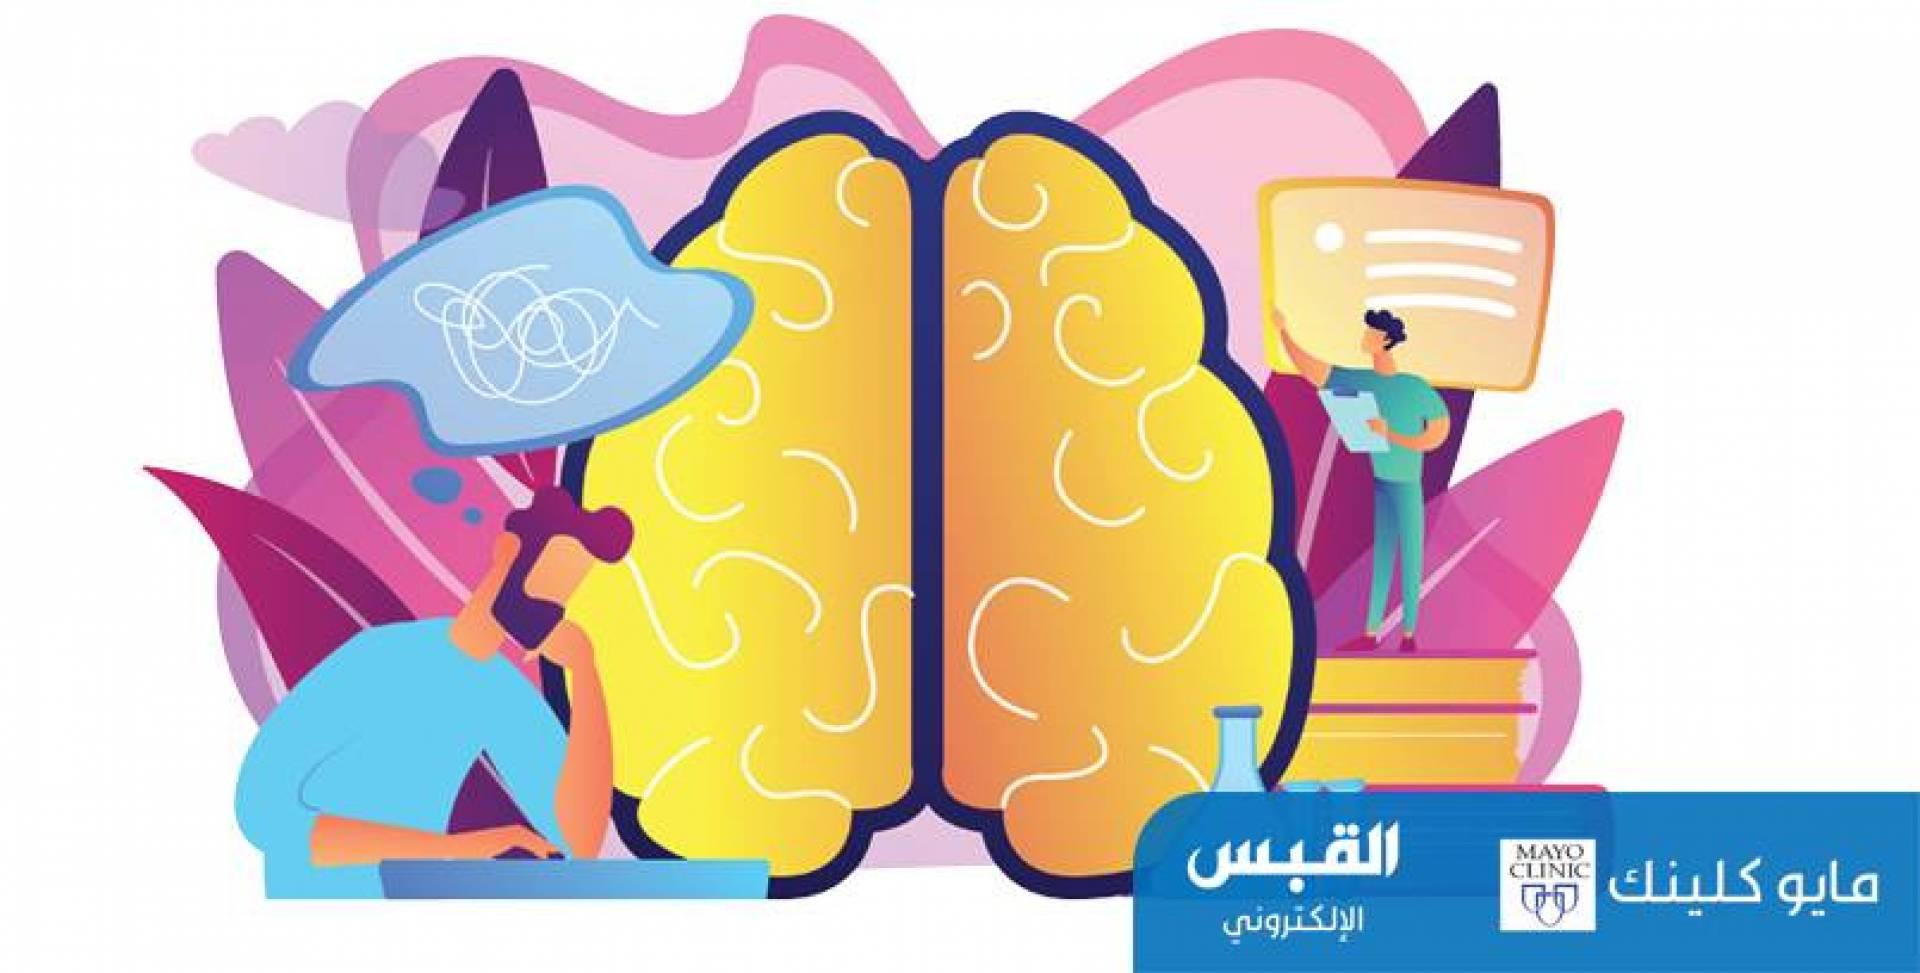 فقدان الذاكرة.. 7 نصائح لتحسين ذاكرتك